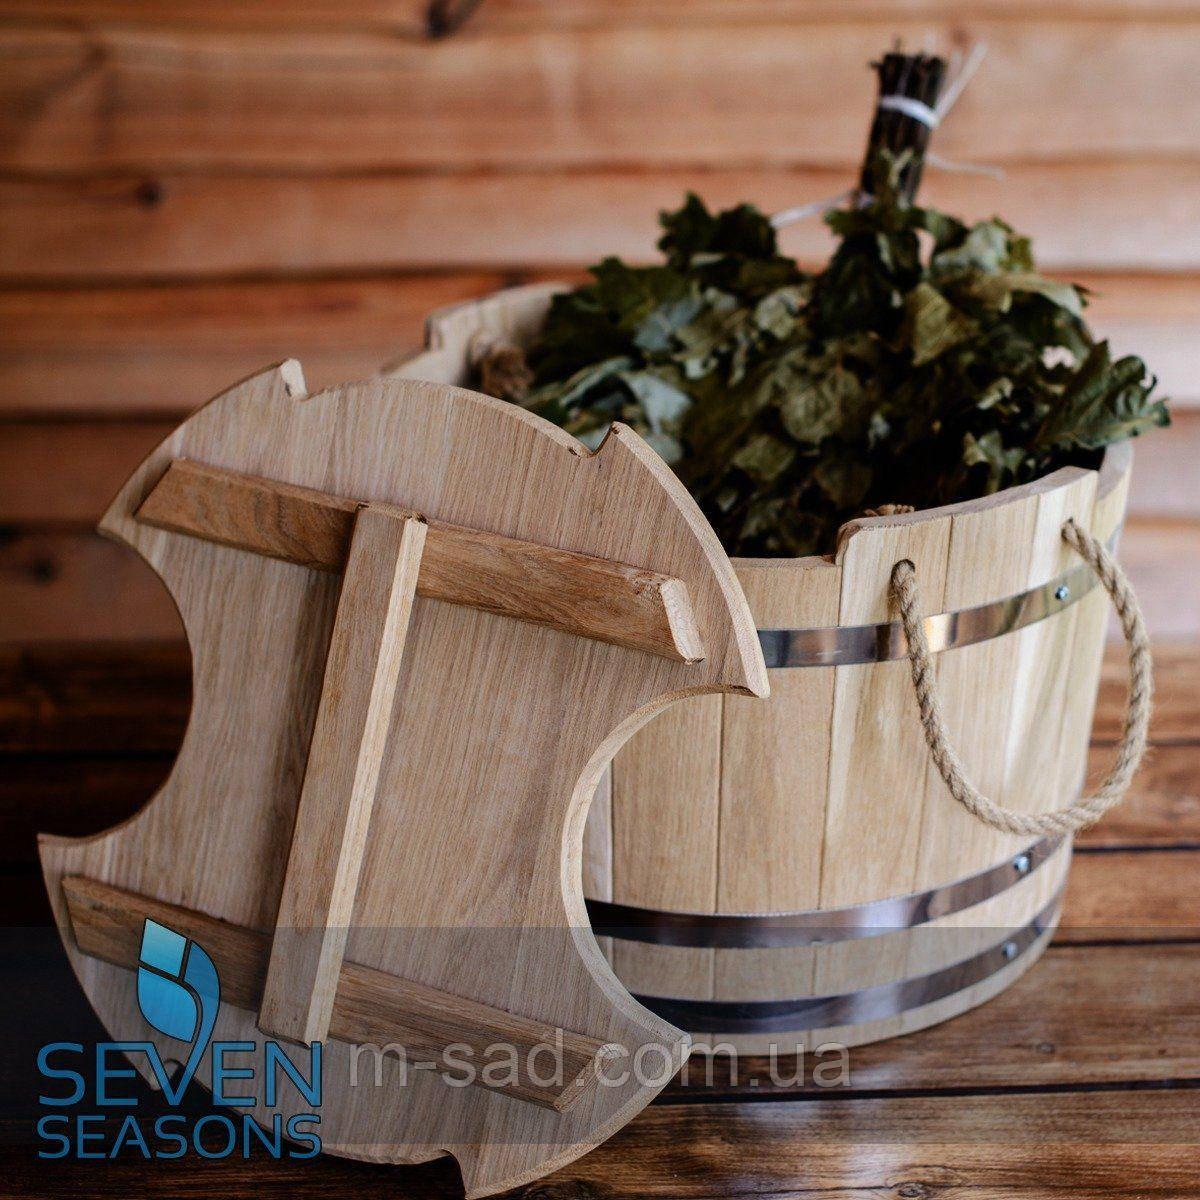 Запарник для веников дубовый Seven Seasons™, 25 литров